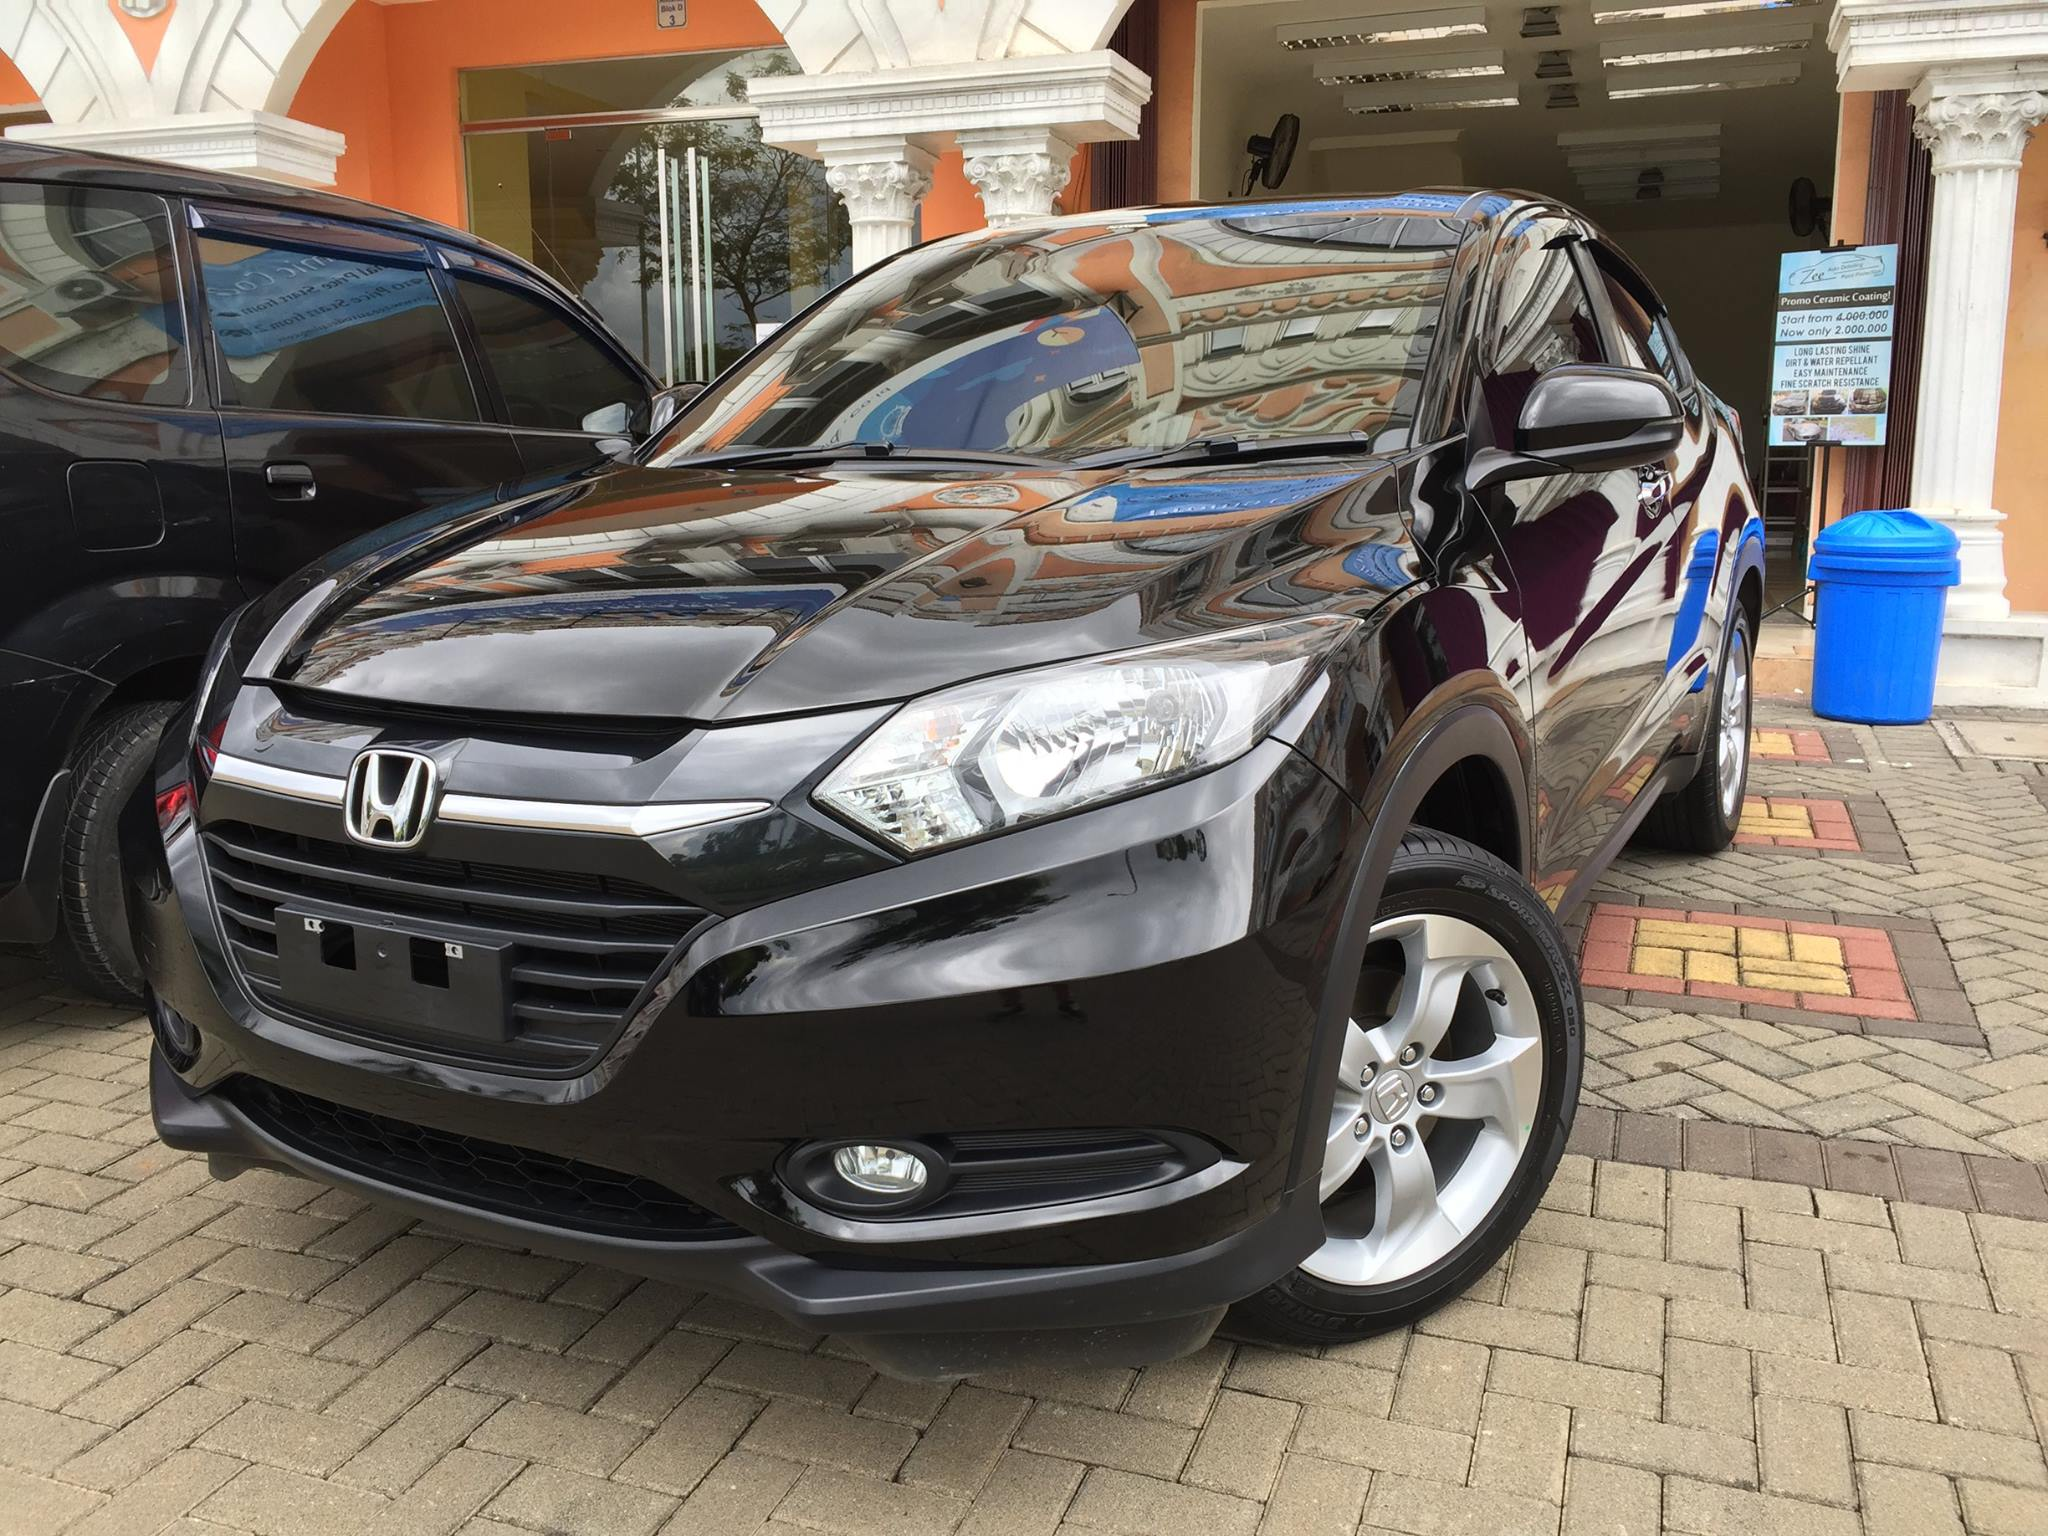 Honda HRV Ceramic Coating